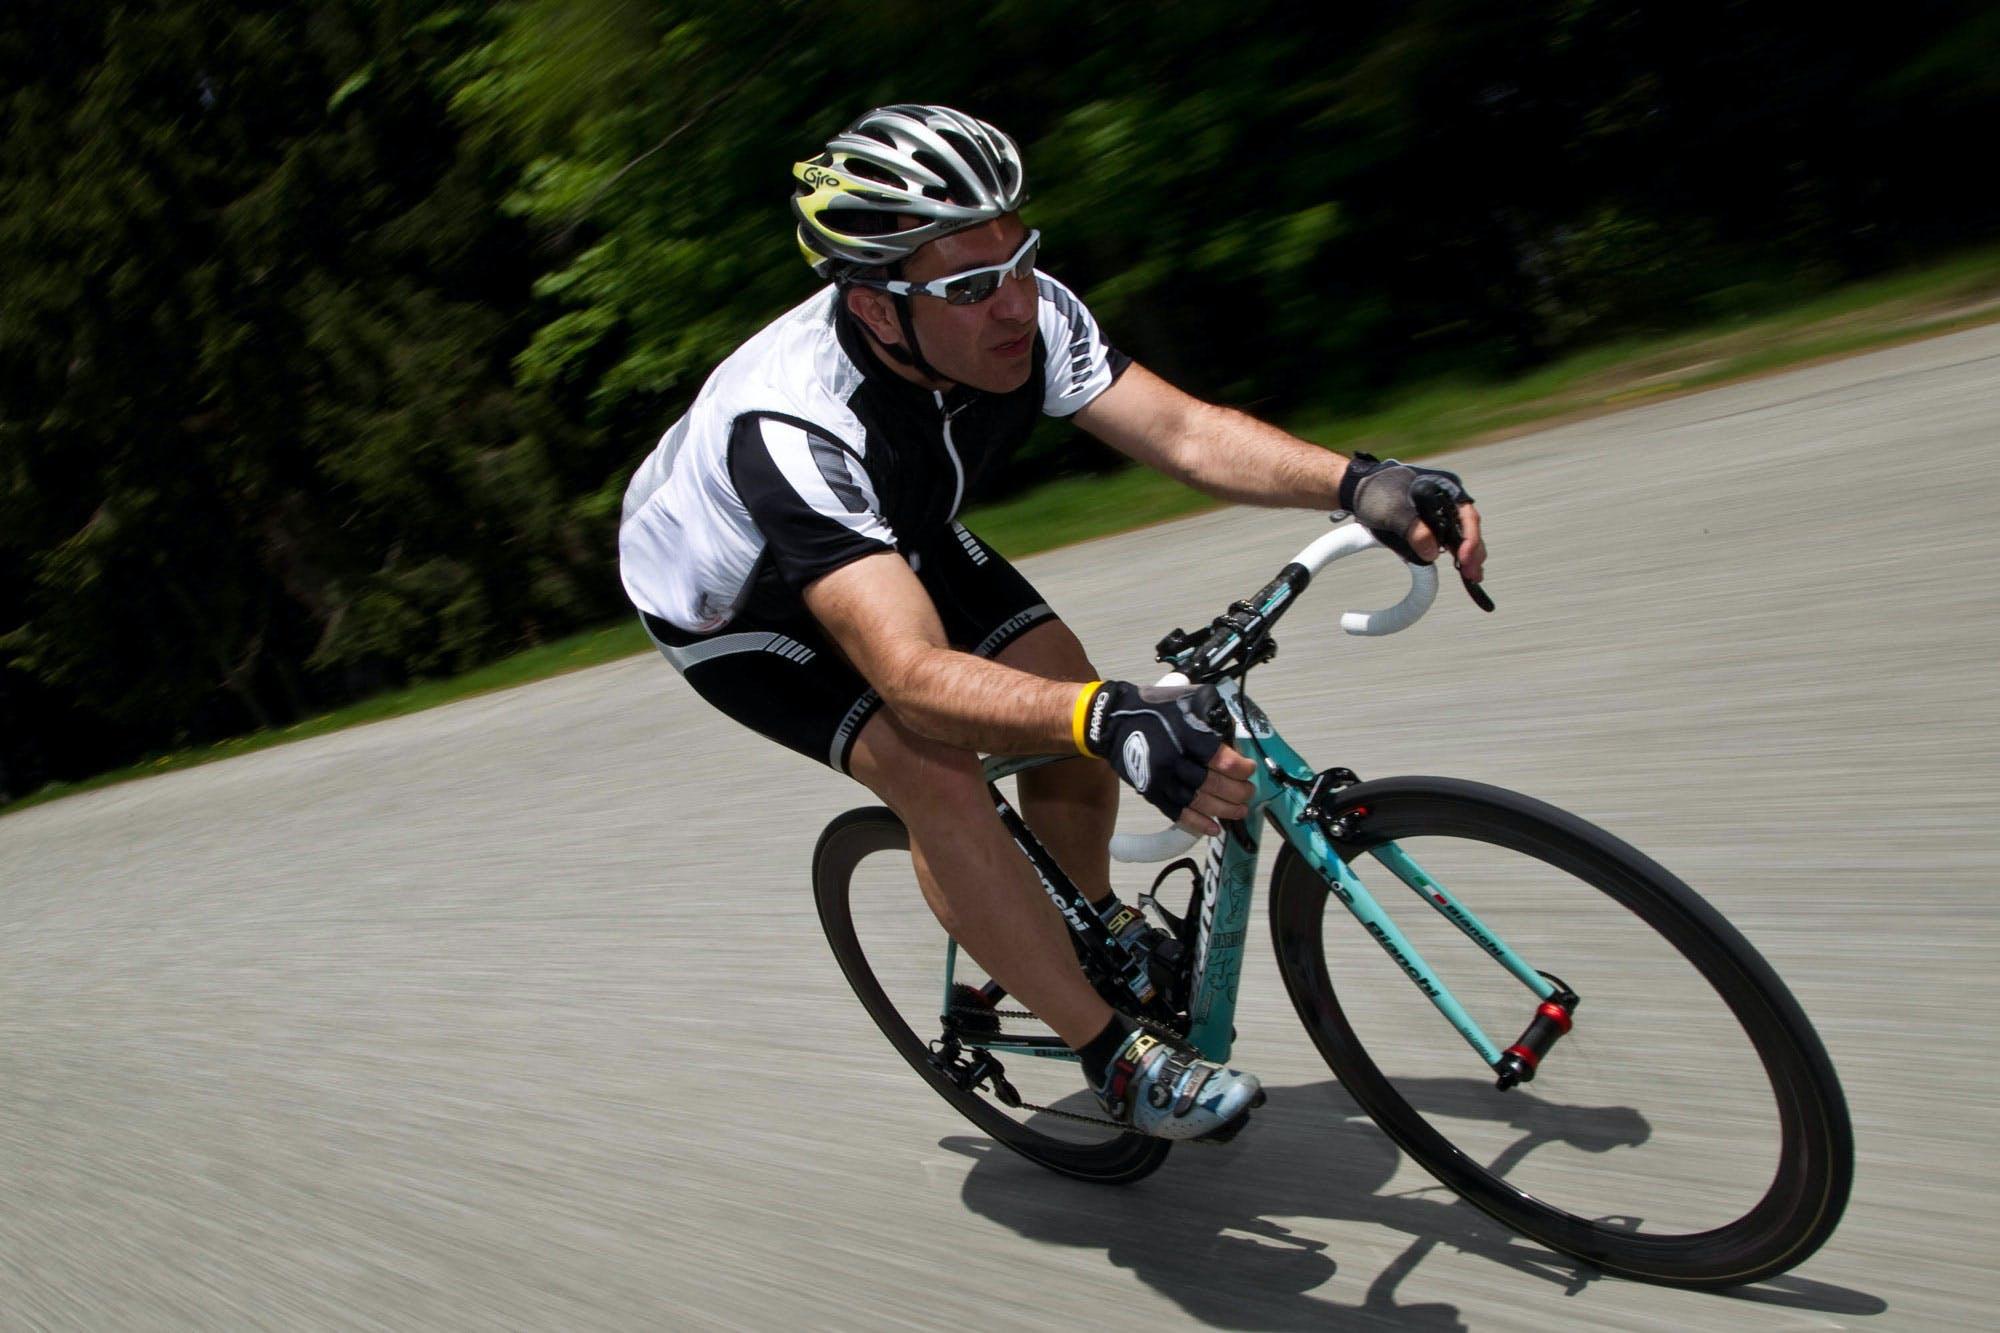 Quasi 10.000 euro per una bici? Guardatela nei dettagli e capirete come la Bianchi possa essere considerata una vera e propria opera d'arte con ruote e pedali. Impossibile non restarne rapiti